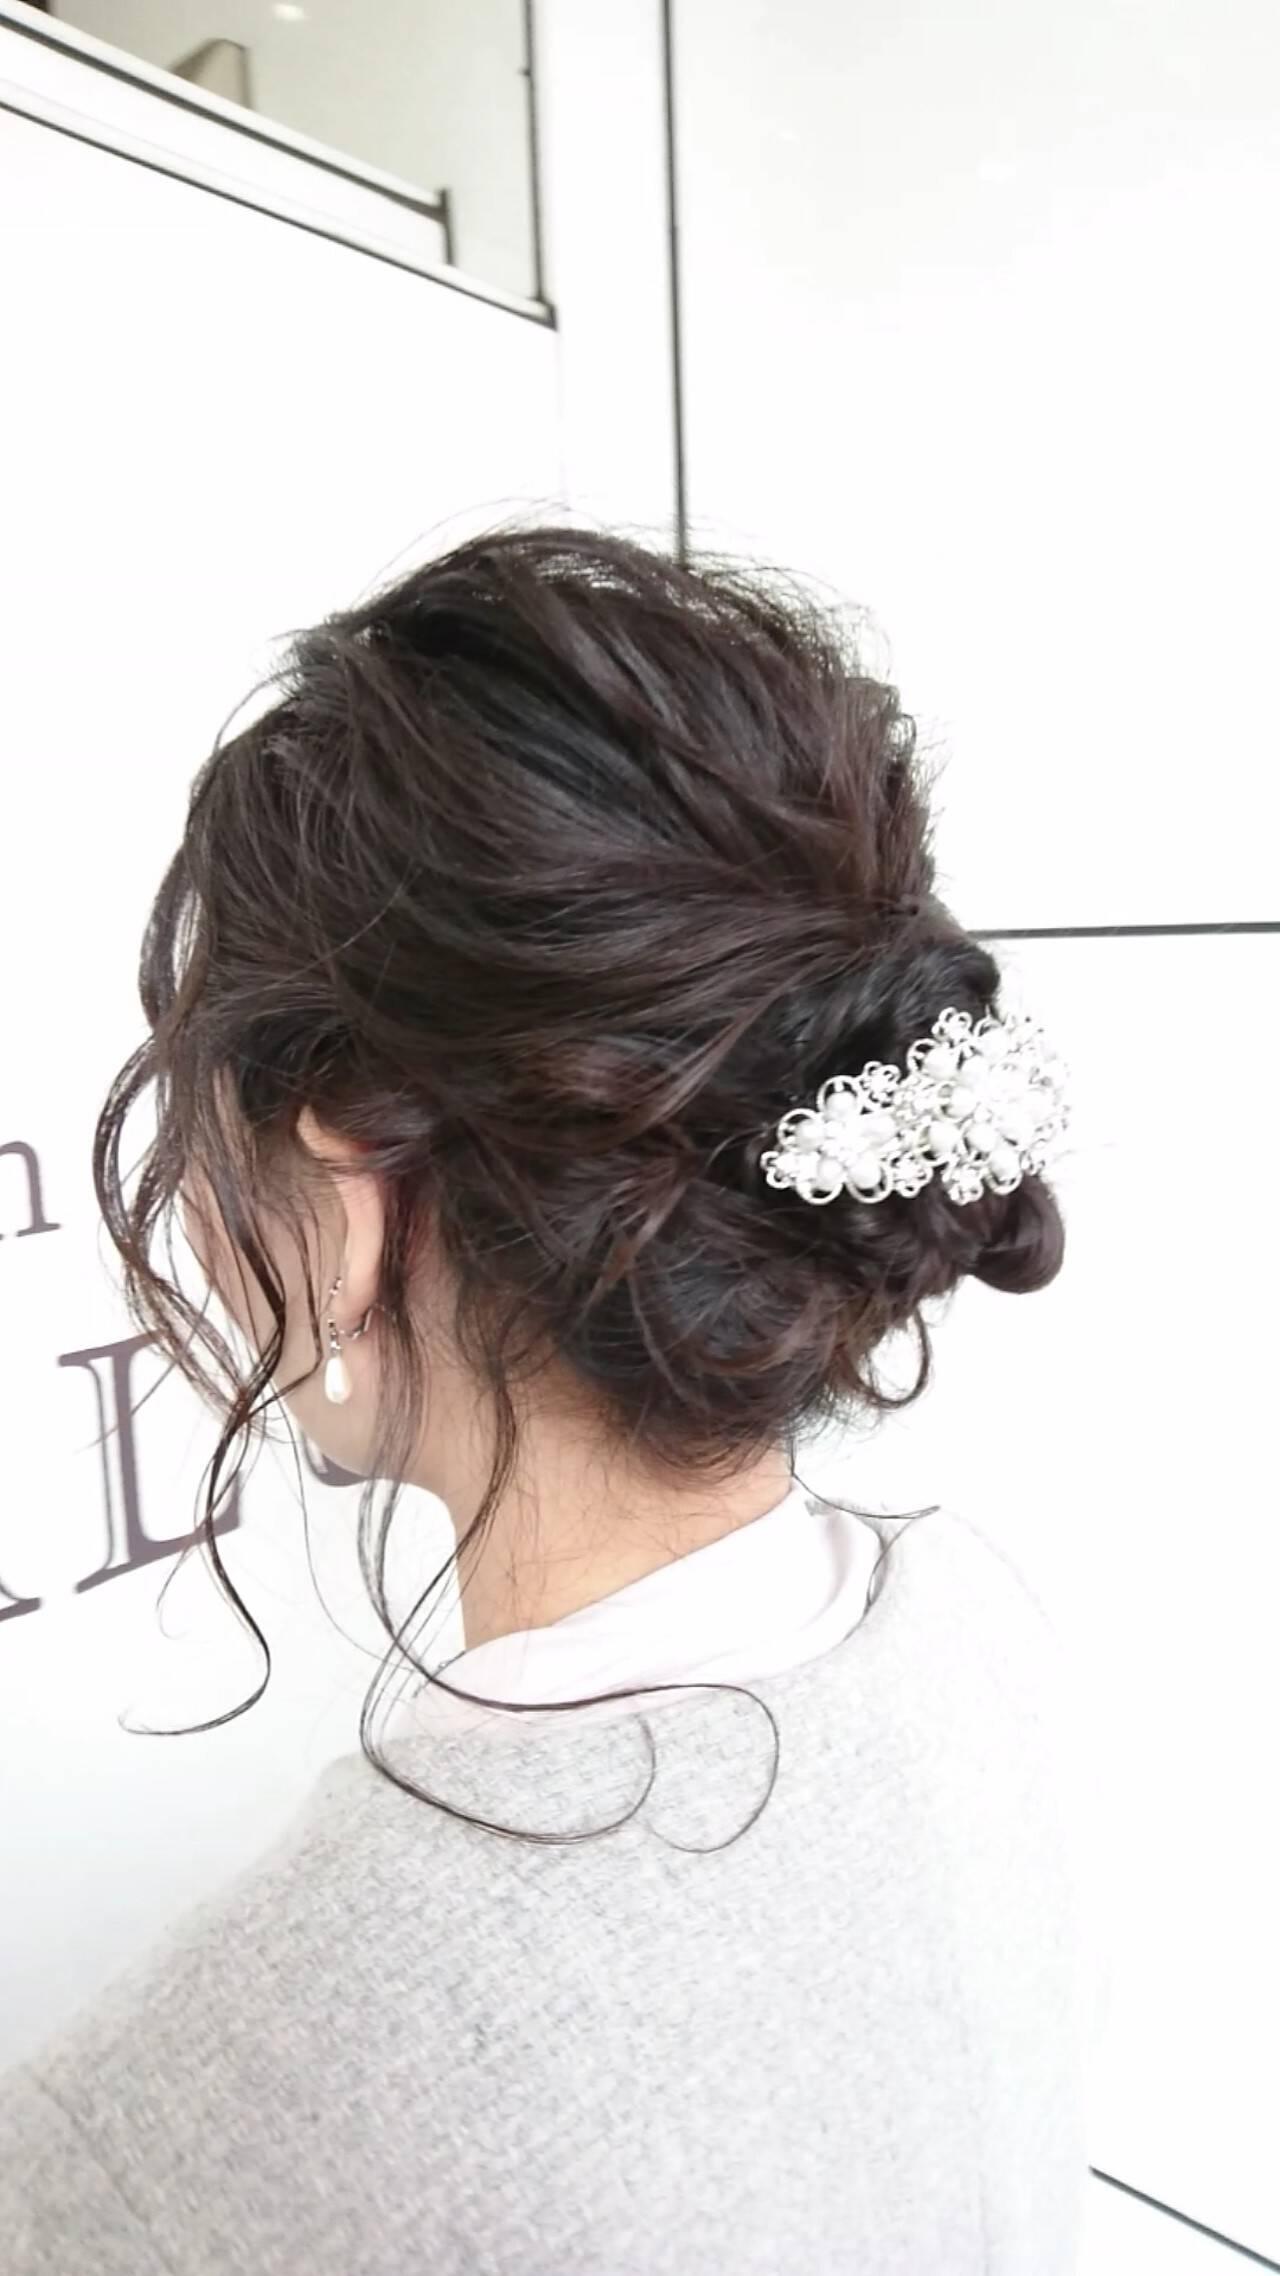 セミロング ナチュラル 結婚式 ヘアアレンジヘアスタイルや髪型の写真・画像